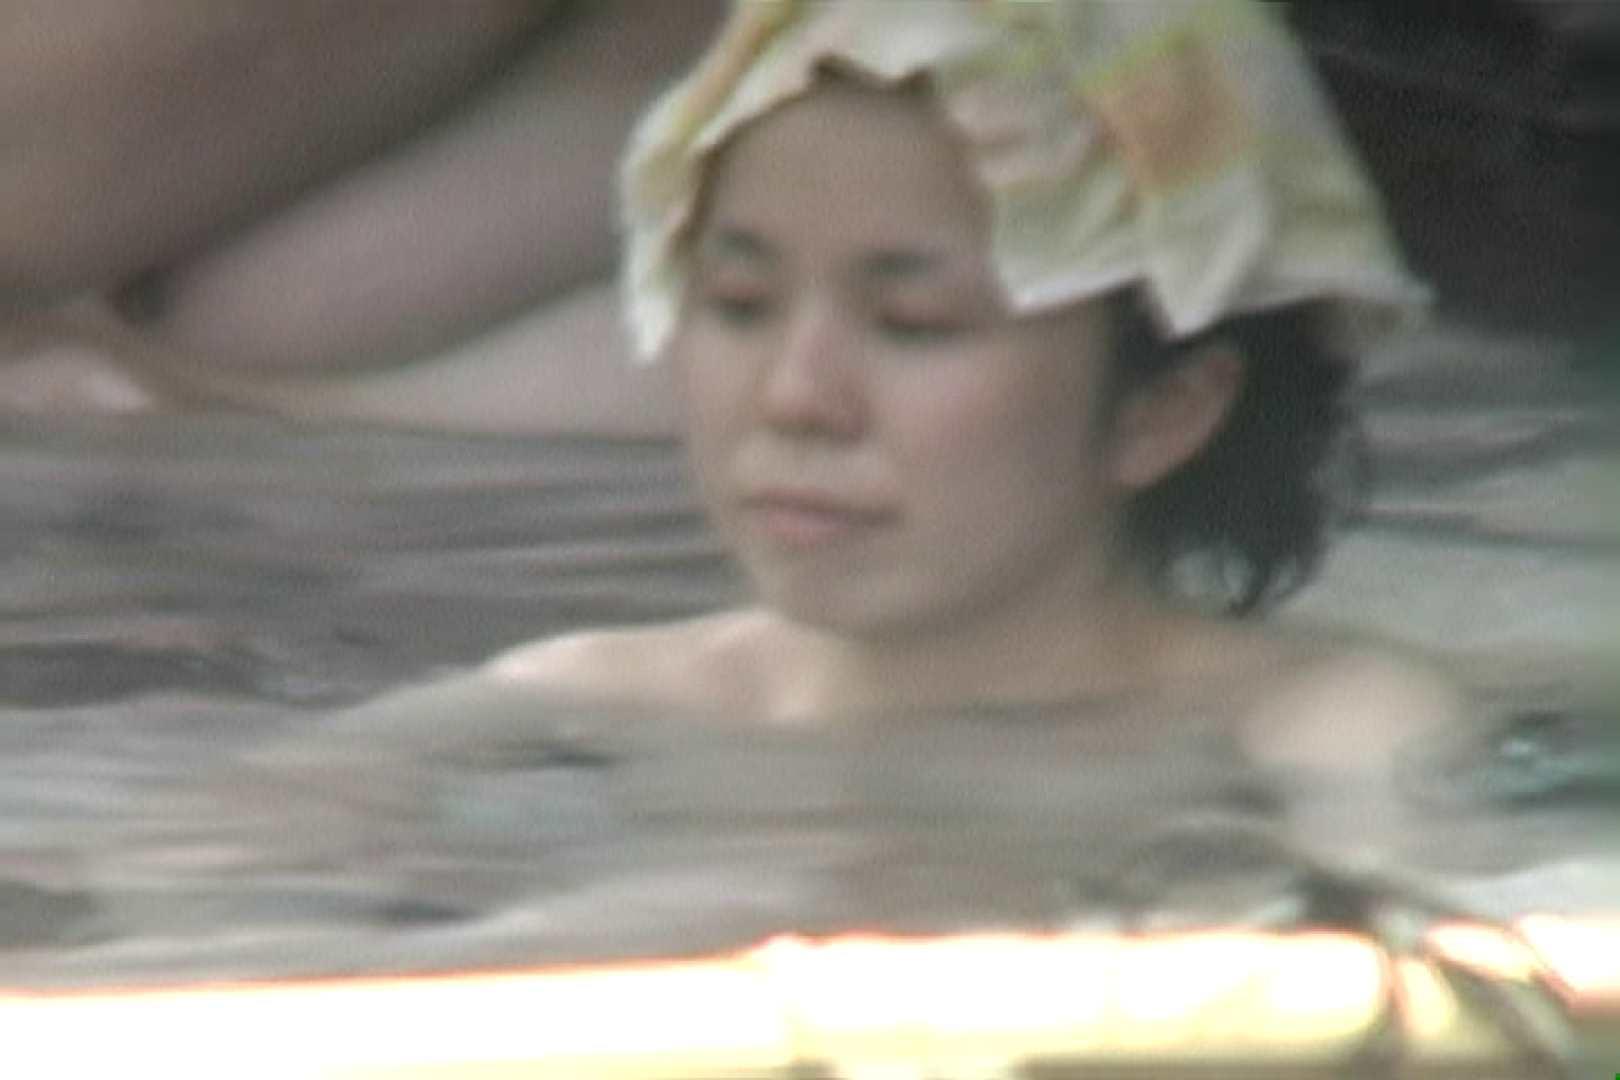 高画質露天女風呂観察 vol.007 OLエロ画像 のぞきおめこ無修正画像 97PICs 16